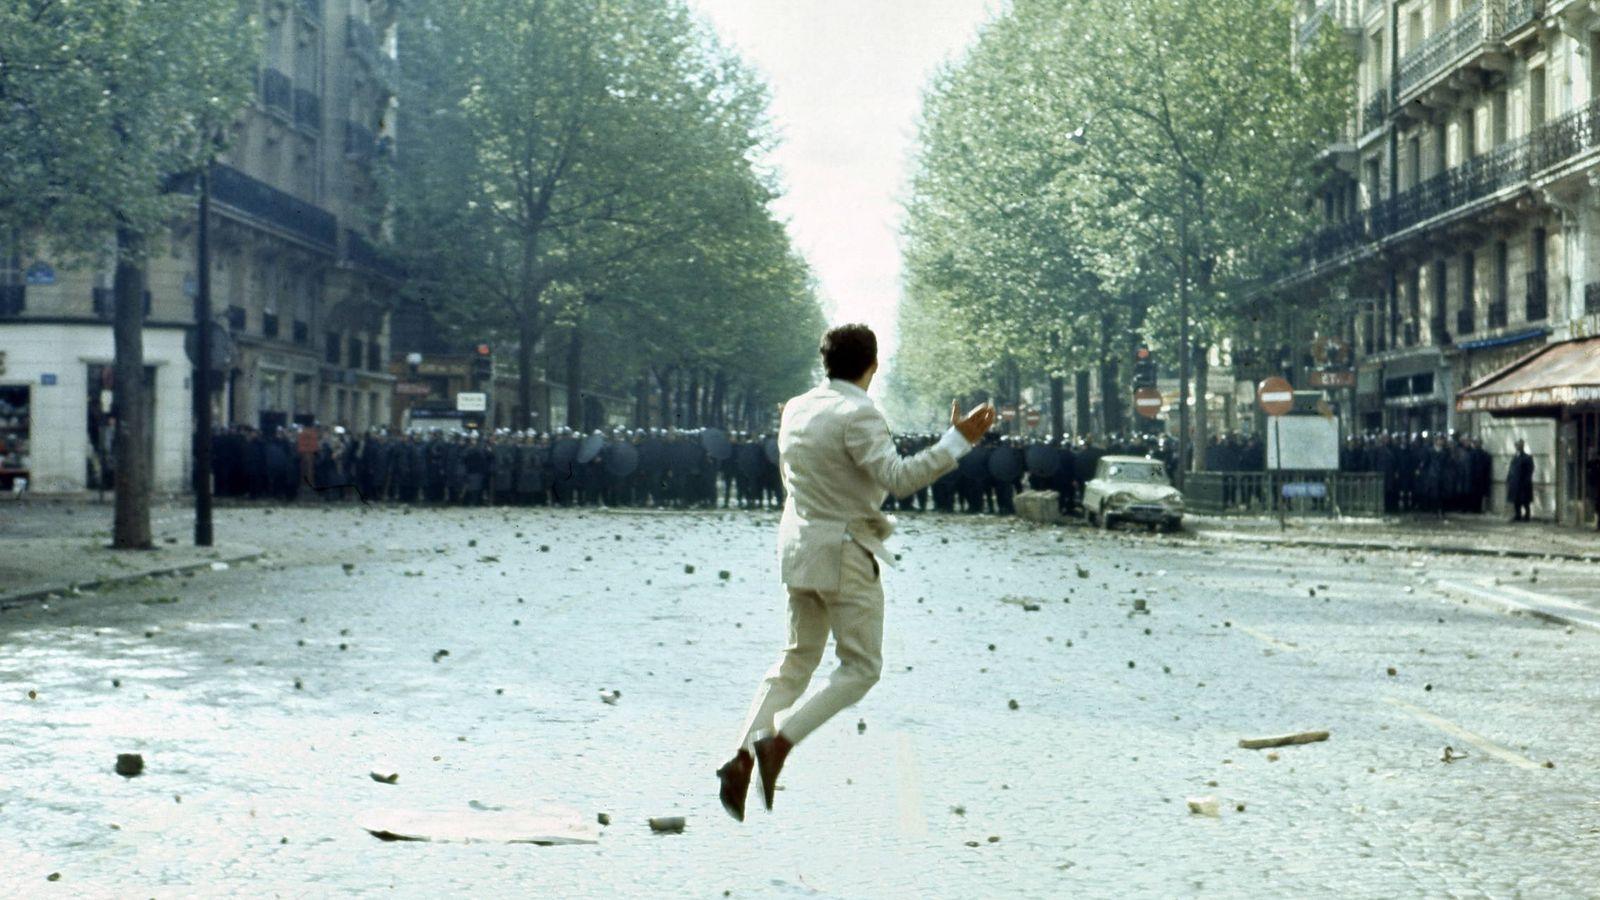 Foto: Un manifestante arroja un adoquín contra la policía en París el 6 de mayo de 1968. (Georges Melet/Paris Match/Getty Images)